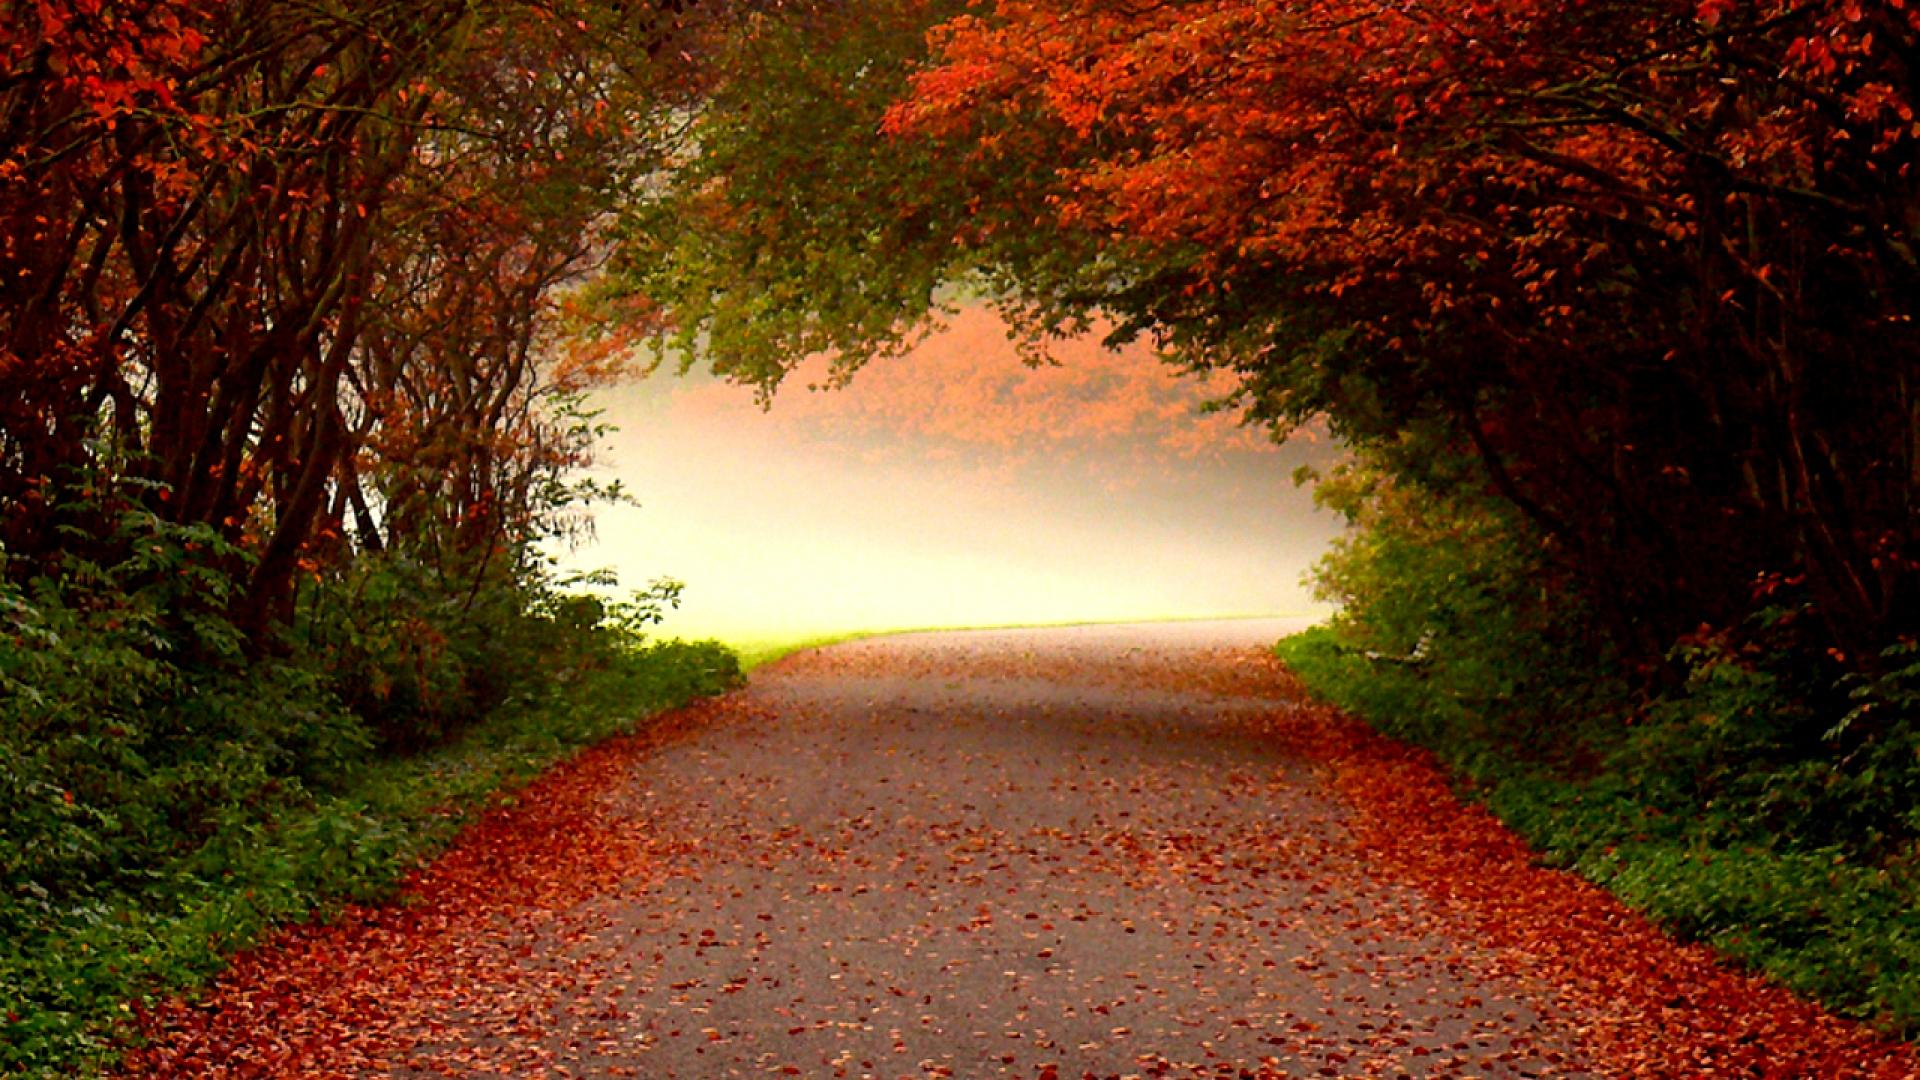 Hình nền mùa thu Autumn100